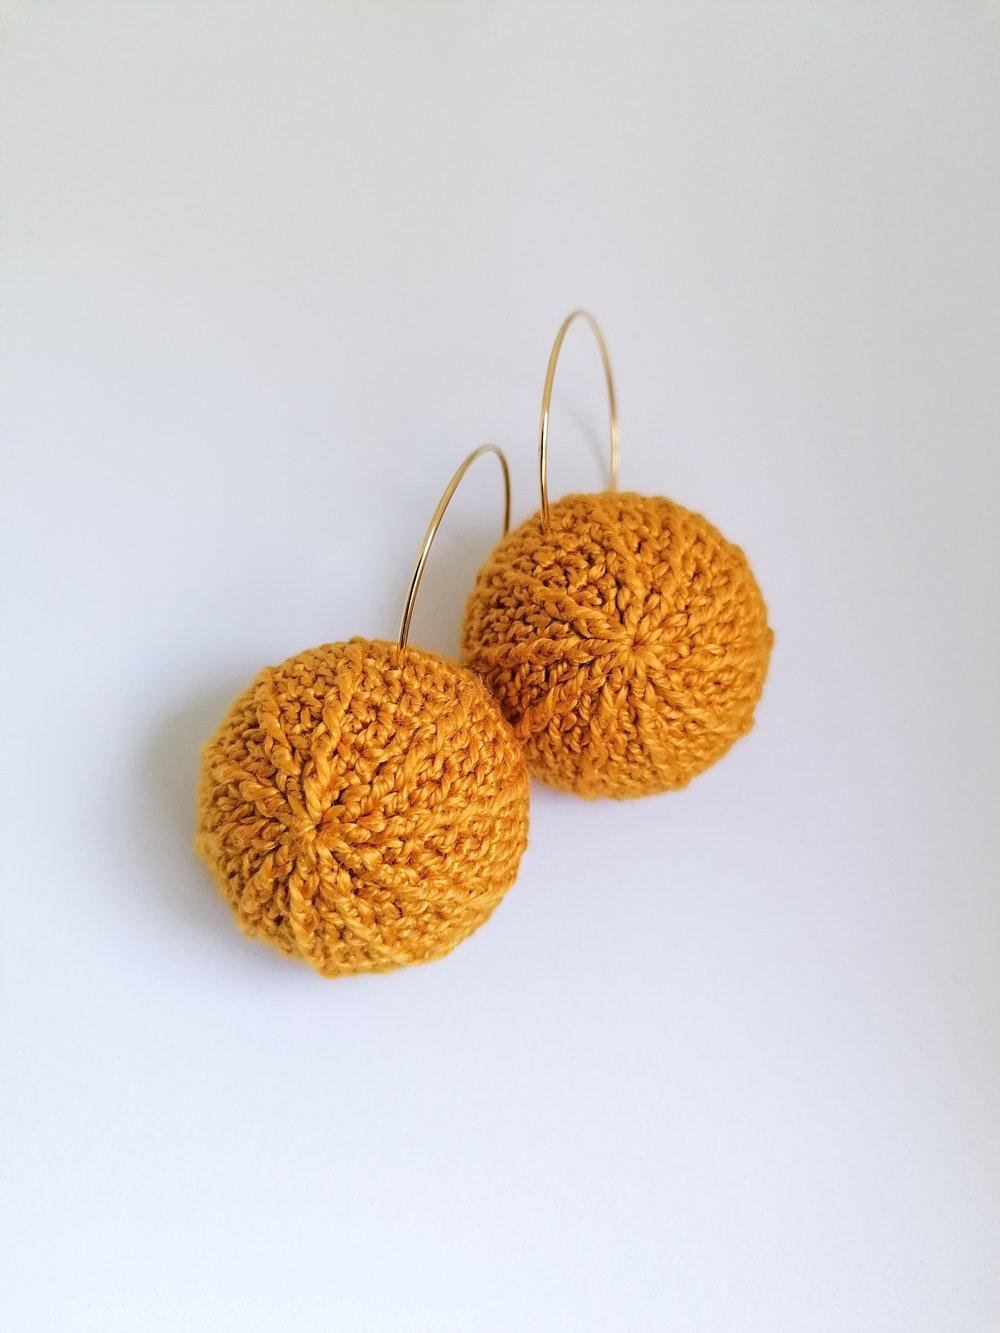 Image of Crochet Sea Urchin Earrings in Warm Yellow